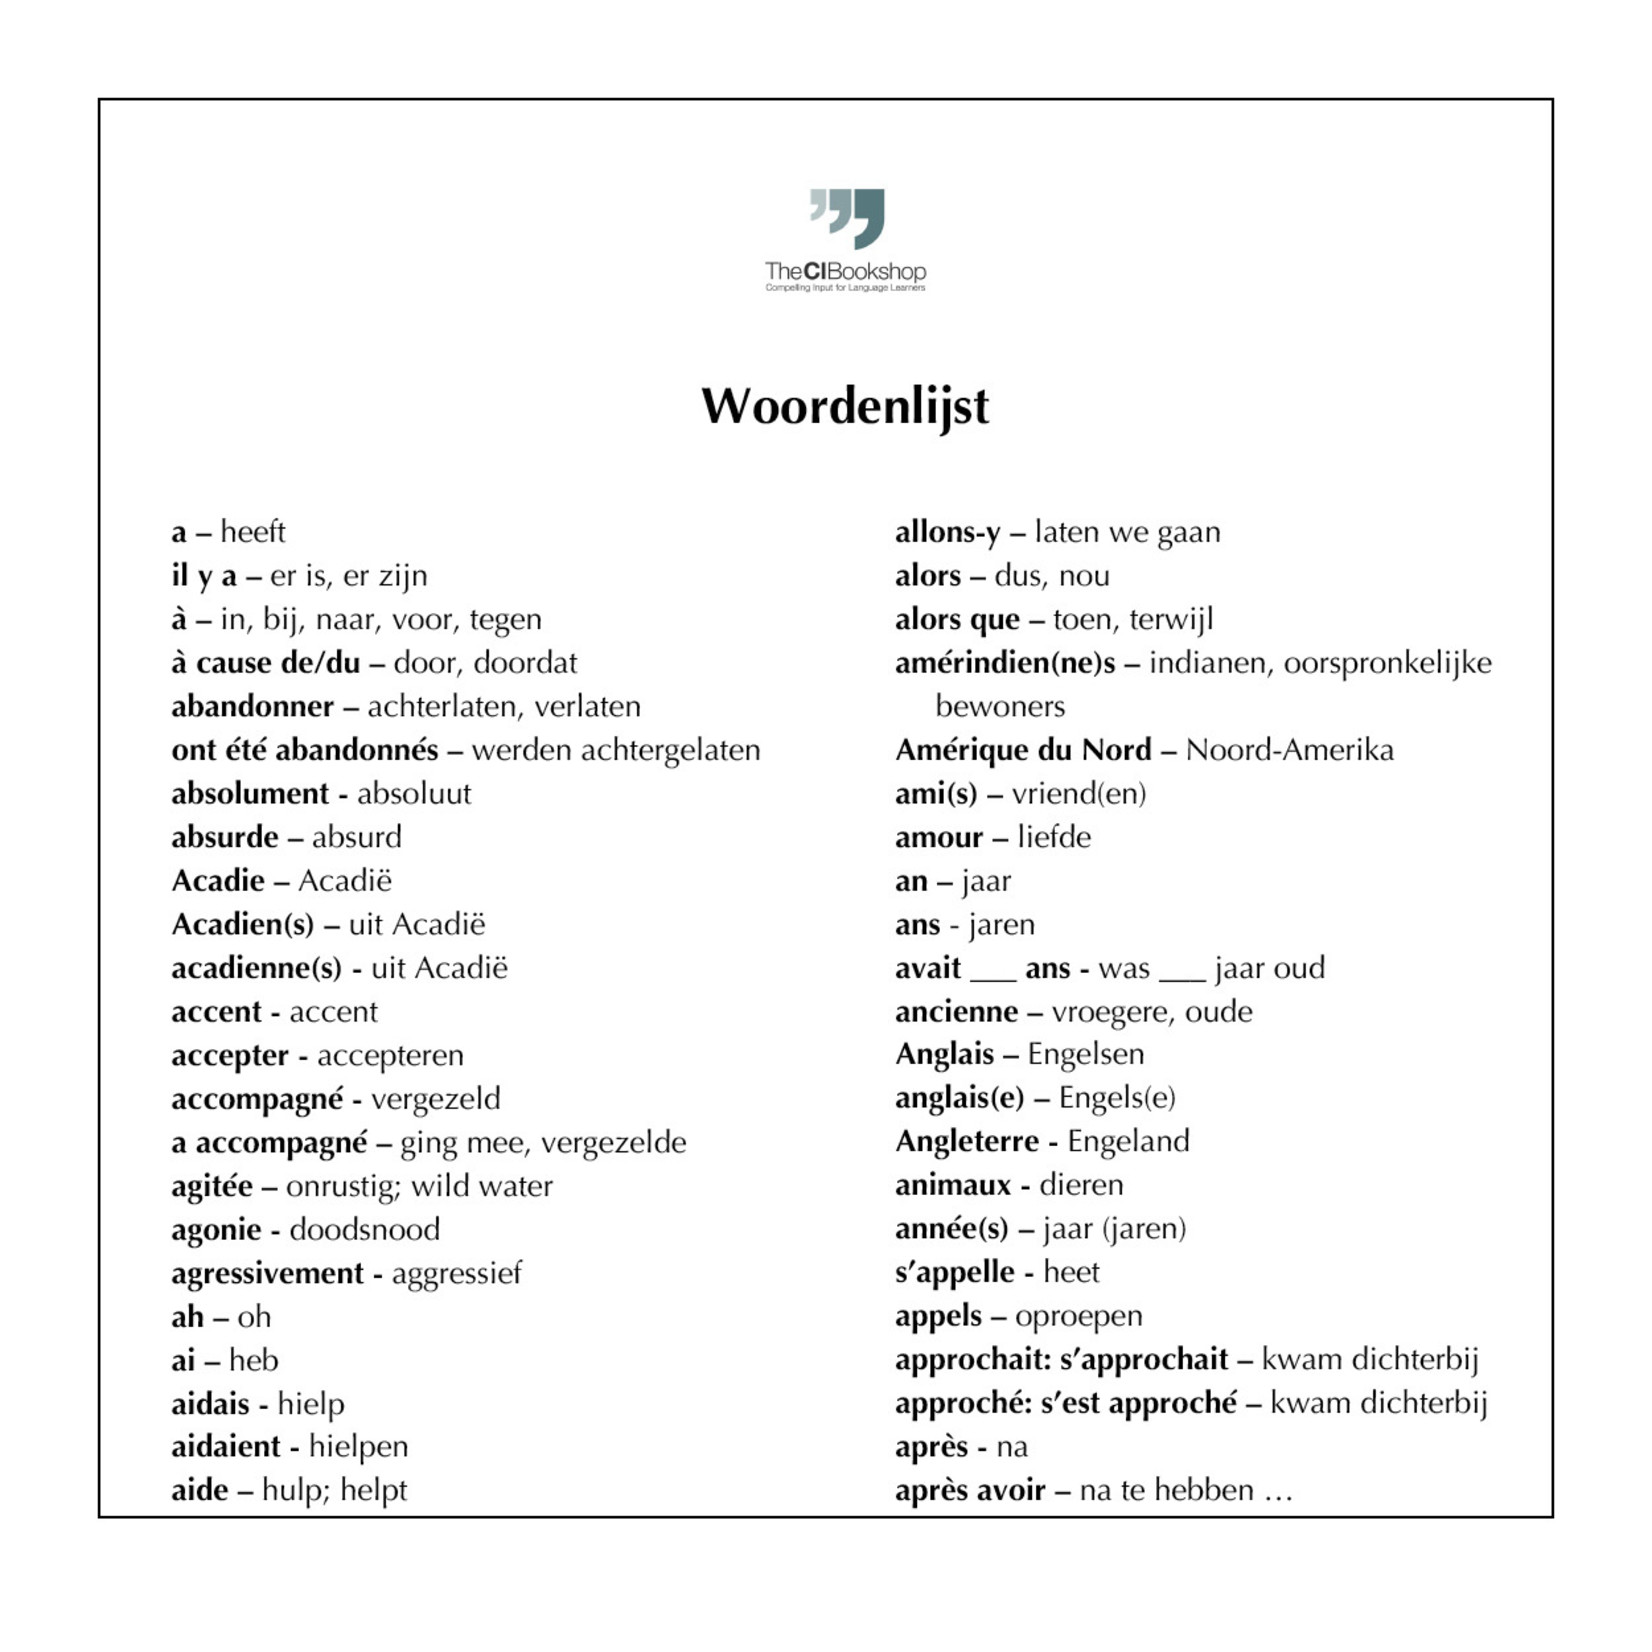 Dutch glossary for Problèmes au Paradis